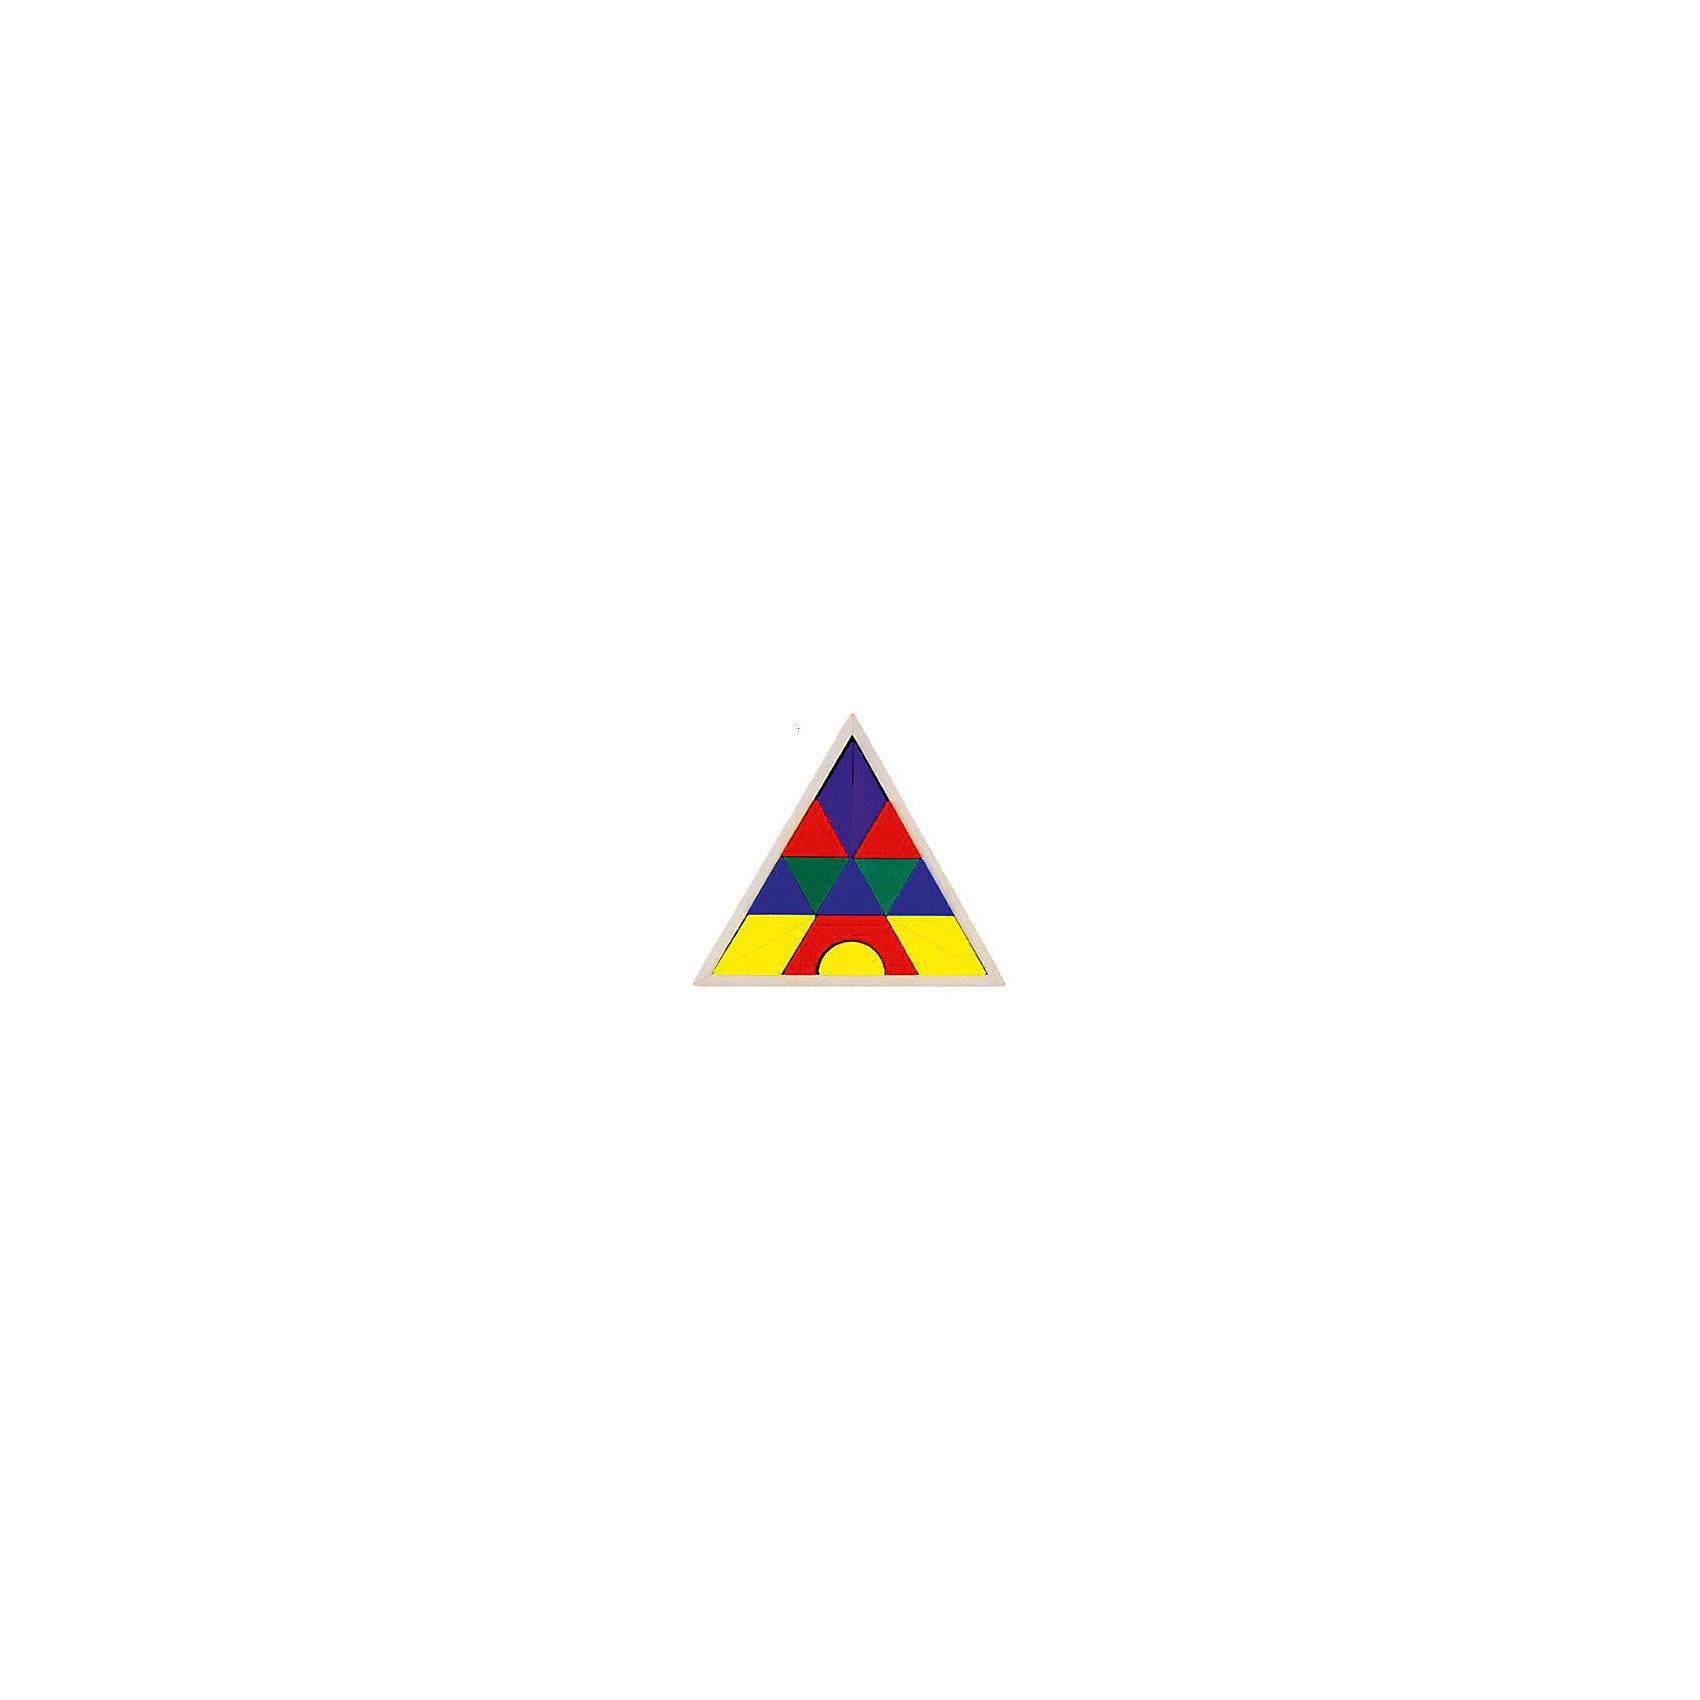 Кубики Пирамида, MapachaКубики<br>Кубики Пирамида от популярного бренда развивающих детских товаров Mapacha (Мапача) развлекут вашу кроху! Эта пирамида из кубиков собирается в нескольких цветовых вариациях и поможет развить логику и моторику у малыша. Эта пирамида изготовлена из экологически чистого и натурального материала – дерева, отлично отшлифована и окрашена в яркие цвета. Кроме собирания пирамиды, кубики можно использовать для постройки чего-либо, либо как интересное дополнение к крышами и аркой к обычному набору кубиков.<br> <br>Дополнительная информация:<br><br>- В комплект входит: 15 кубиков<br>- Материал: дерево<br>- Размер упаковки: 24,5 * 3,5 *27 см.<br>- Вес: 850 гр.<br><br>Кубики Пирамида, Mapacha (Мапача) можно купить в нашем интернет-магазине.<br><br>Подробнее:<br>• Для детей в возрасте: от 2 лет<br>• Номер товара: 4925540<br>Страна производитель: Китай<br><br>Ширина мм: 245<br>Глубина мм: 35<br>Высота мм: 270<br>Вес г: 1488<br>Возраст от месяцев: 12<br>Возраст до месяцев: 36<br>Пол: Унисекс<br>Возраст: Детский<br>SKU: 4925540